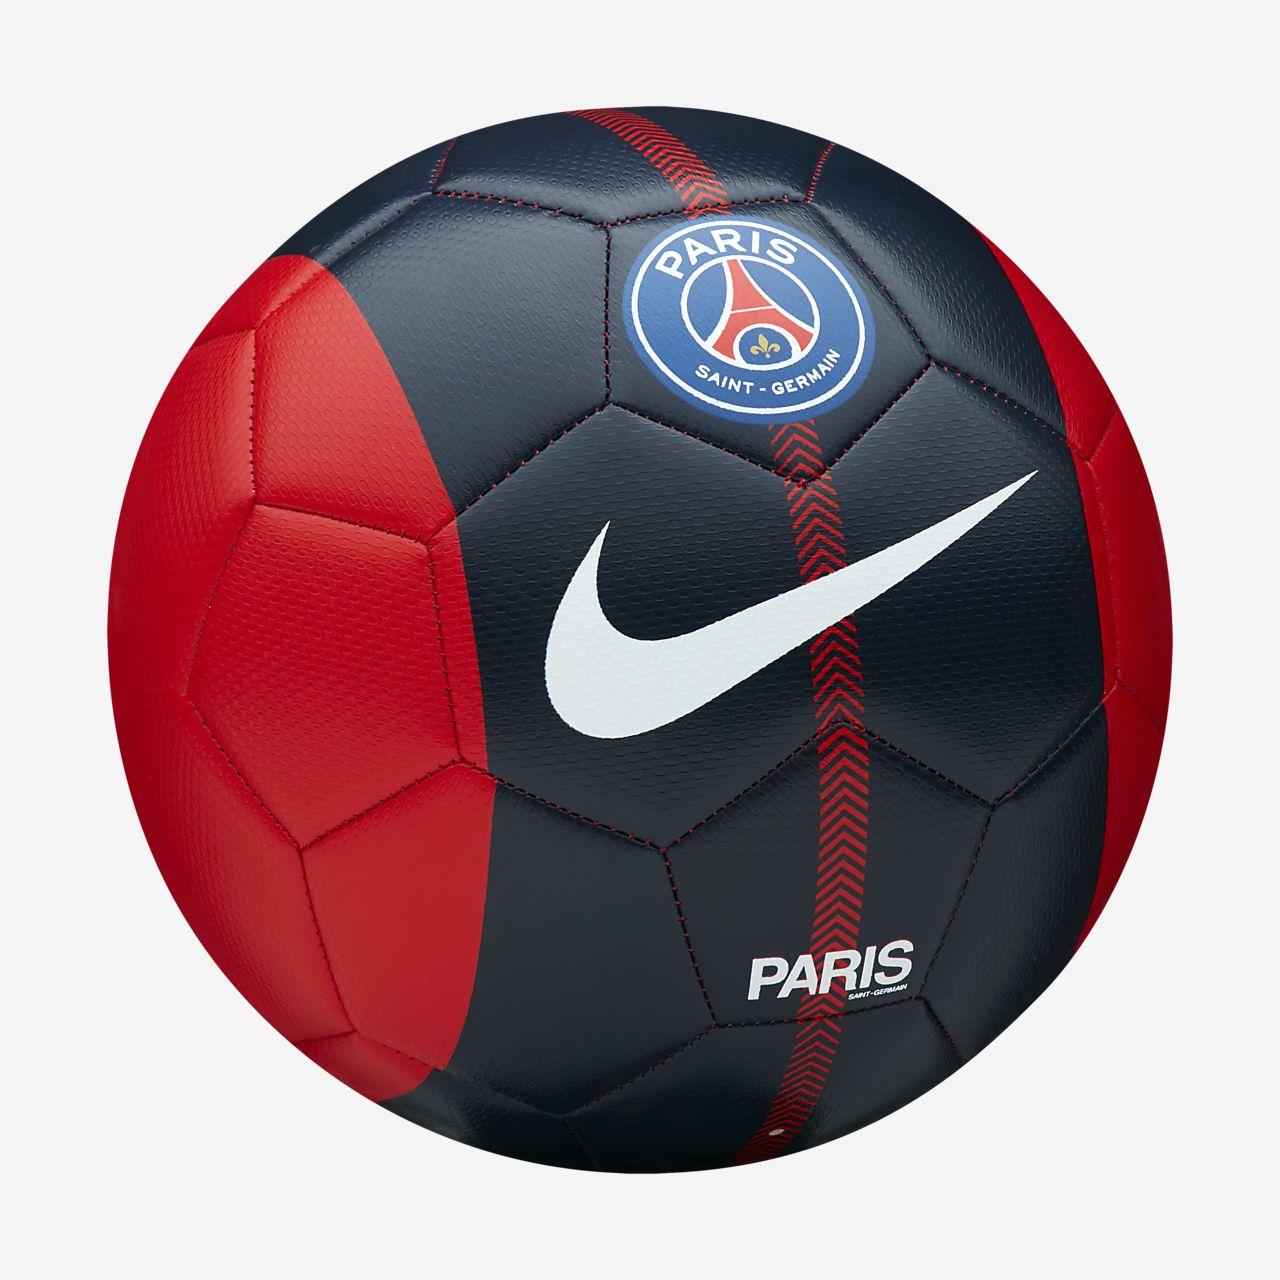 Футбольный мяч Paris Sant-Germain Prestige